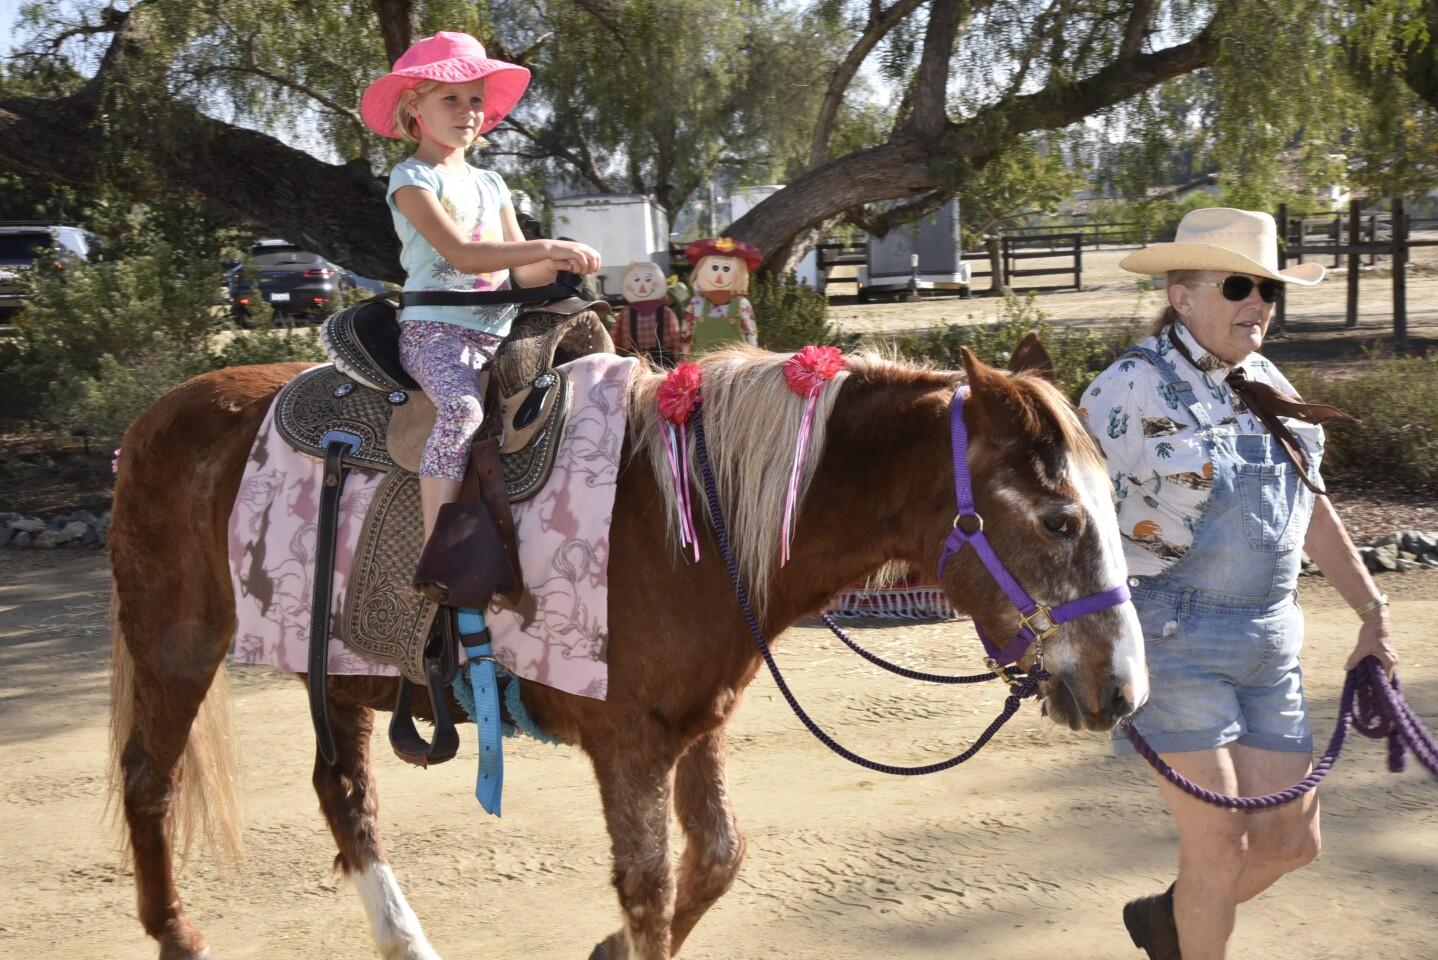 Sienna enjoys her pony ride